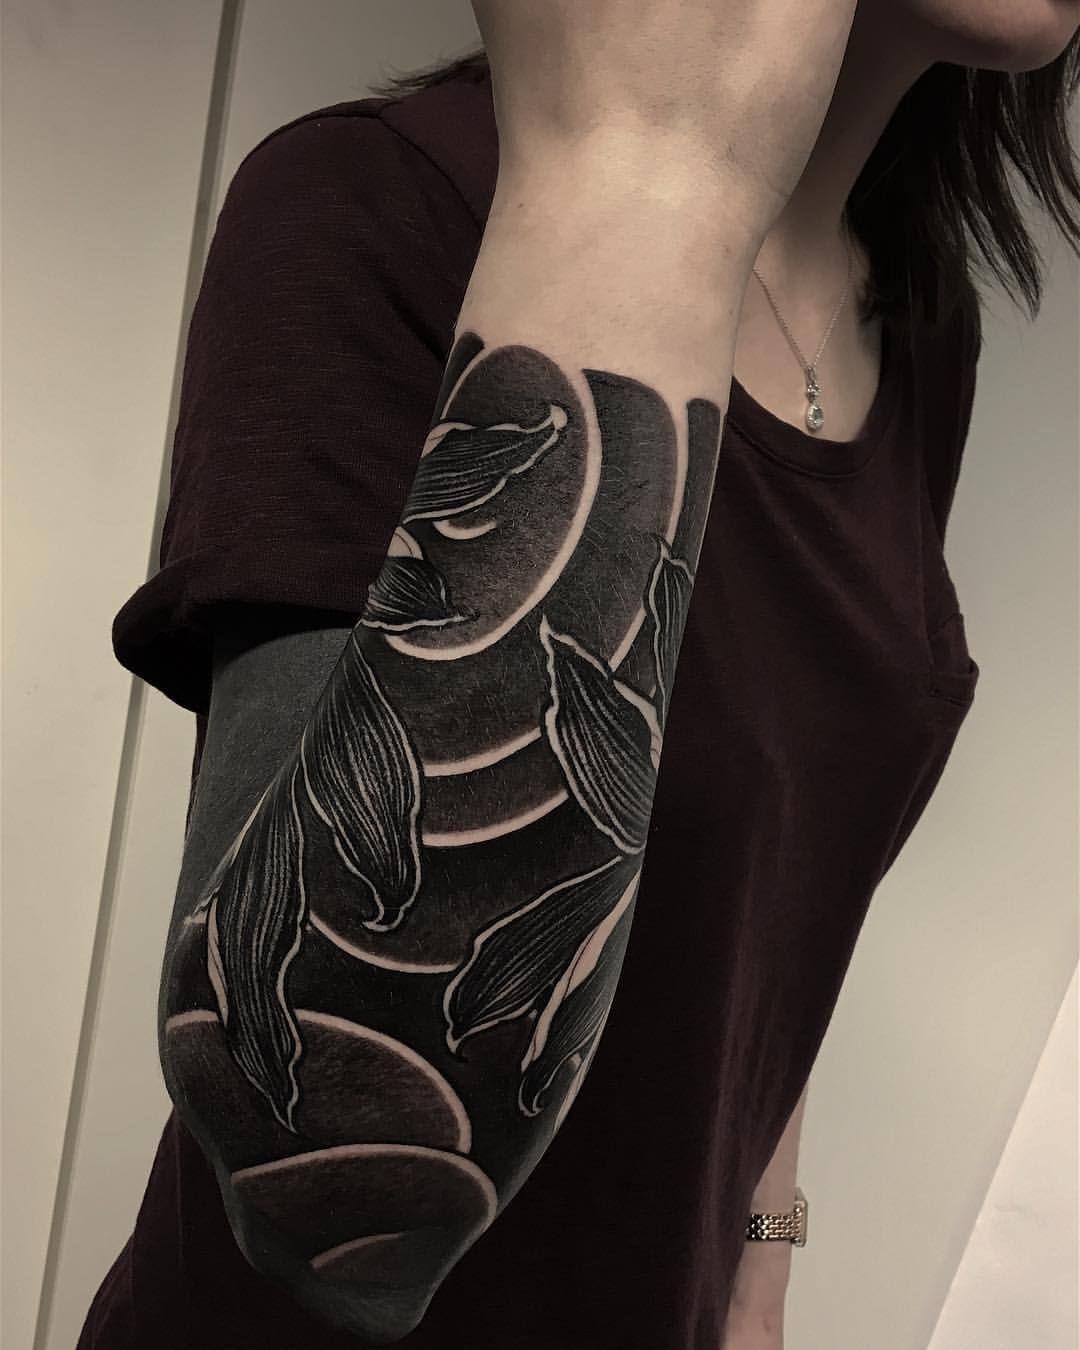 GAKKINX Solid black tattoo, Blackout tattoo, Black